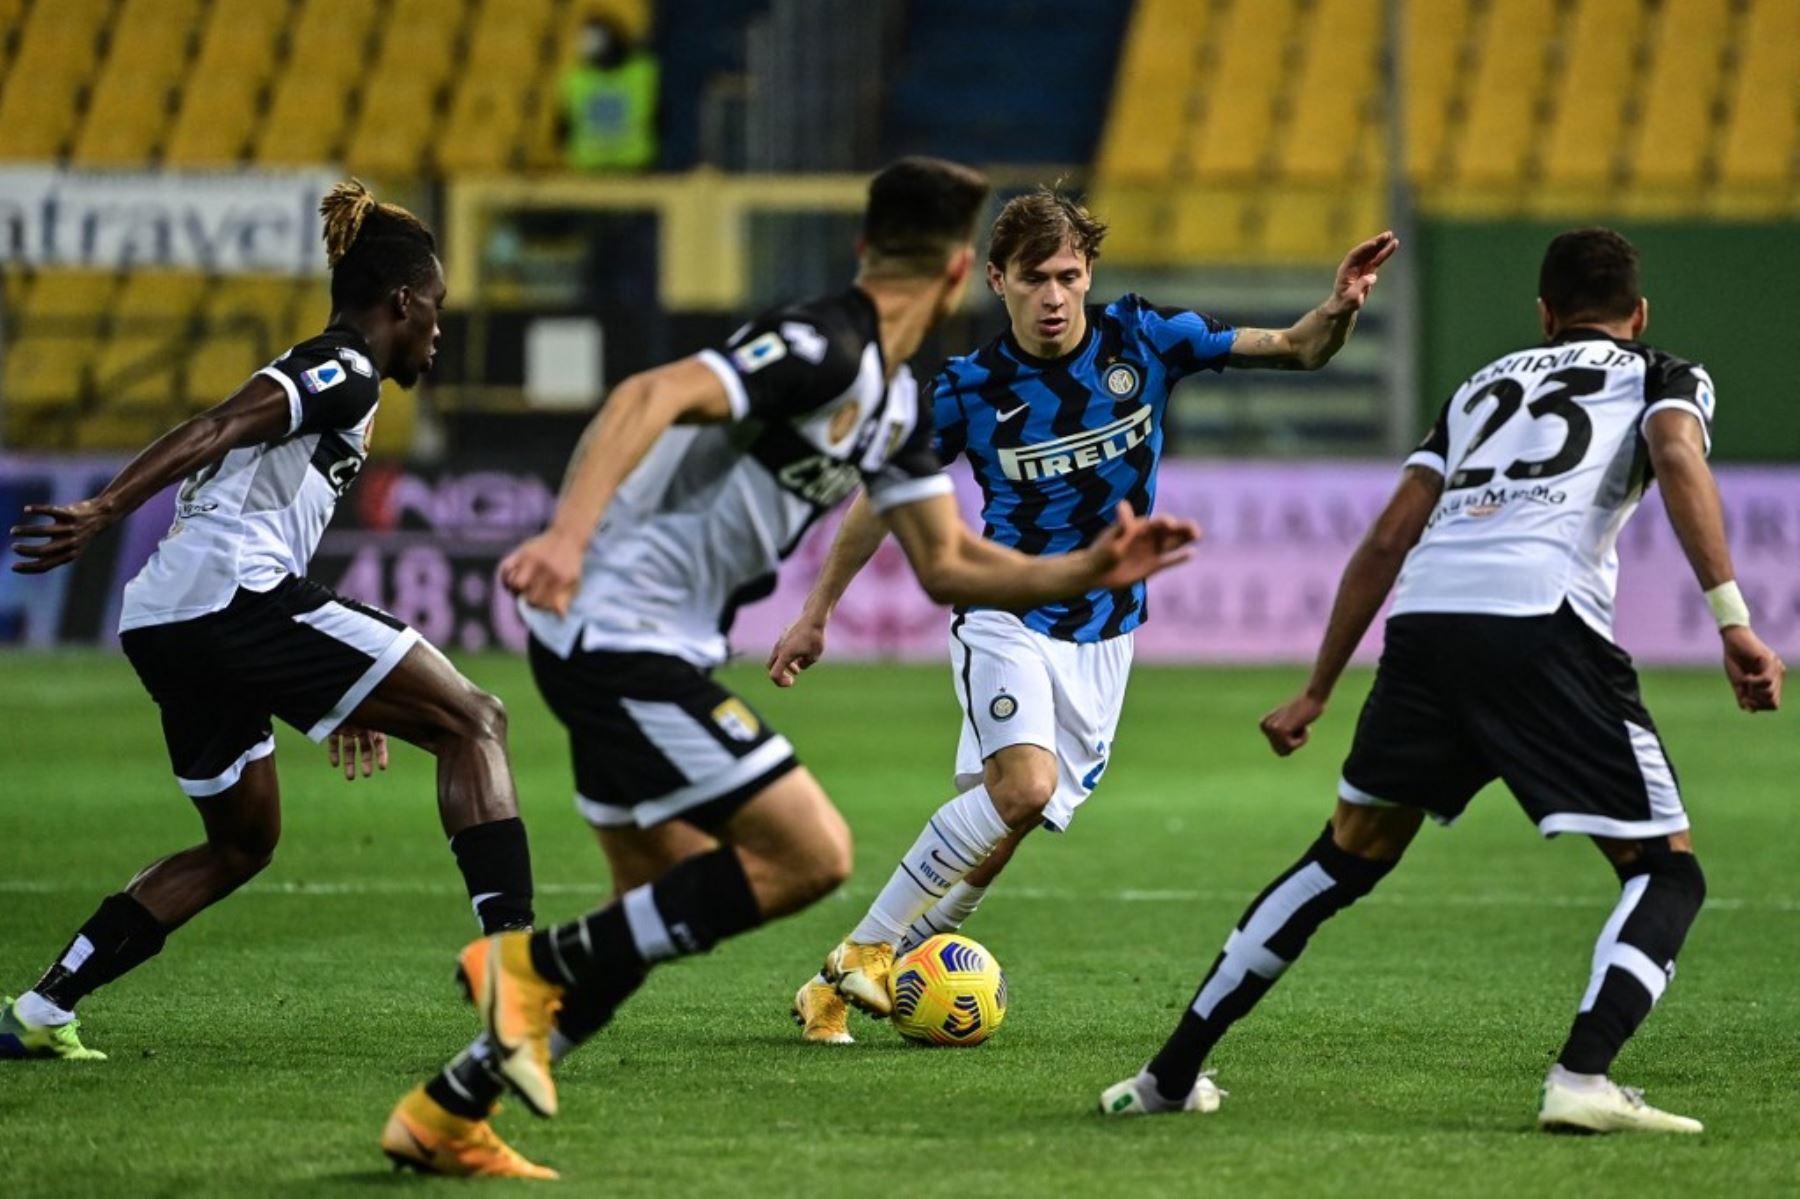 El centrocampista italiano del Inter de Milán Nicolo Barella desafía al defensor brasileño de Parma Hernani (R) durante el partido de fútbol de la Serie A italiana Parma vs Inter de Milán el 04 de marzo de 2021 en el estadio Ennio-Tardini de Parma. Foto: AFP